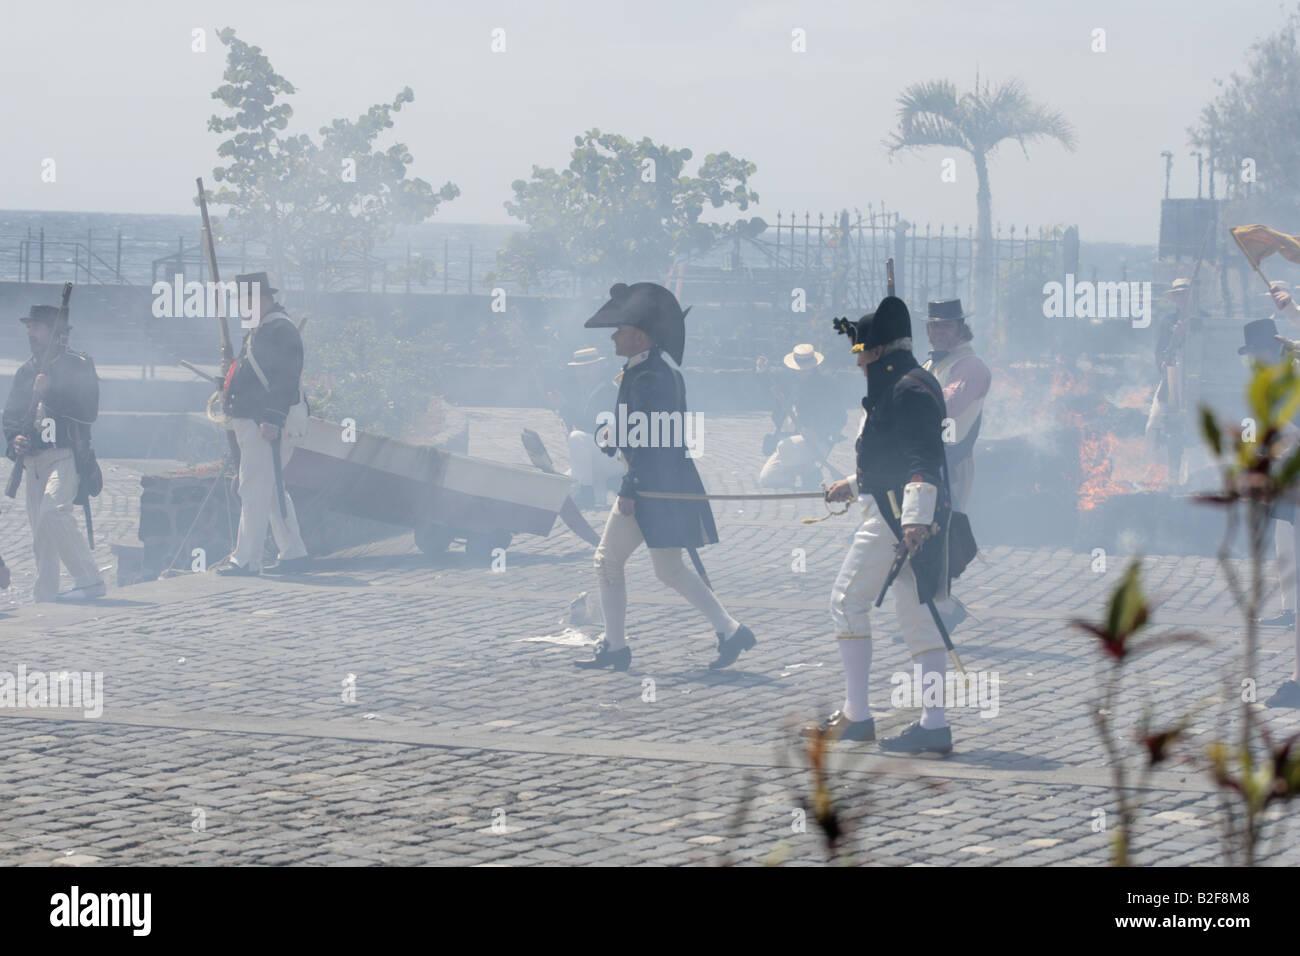 Captain Troughbridge und englischen Truppen bewegen sich durch eine rauchige Trübung während einer Rekonstruktion der 1797 Schlacht von Santa Cruz, Teneriffa Stockfoto